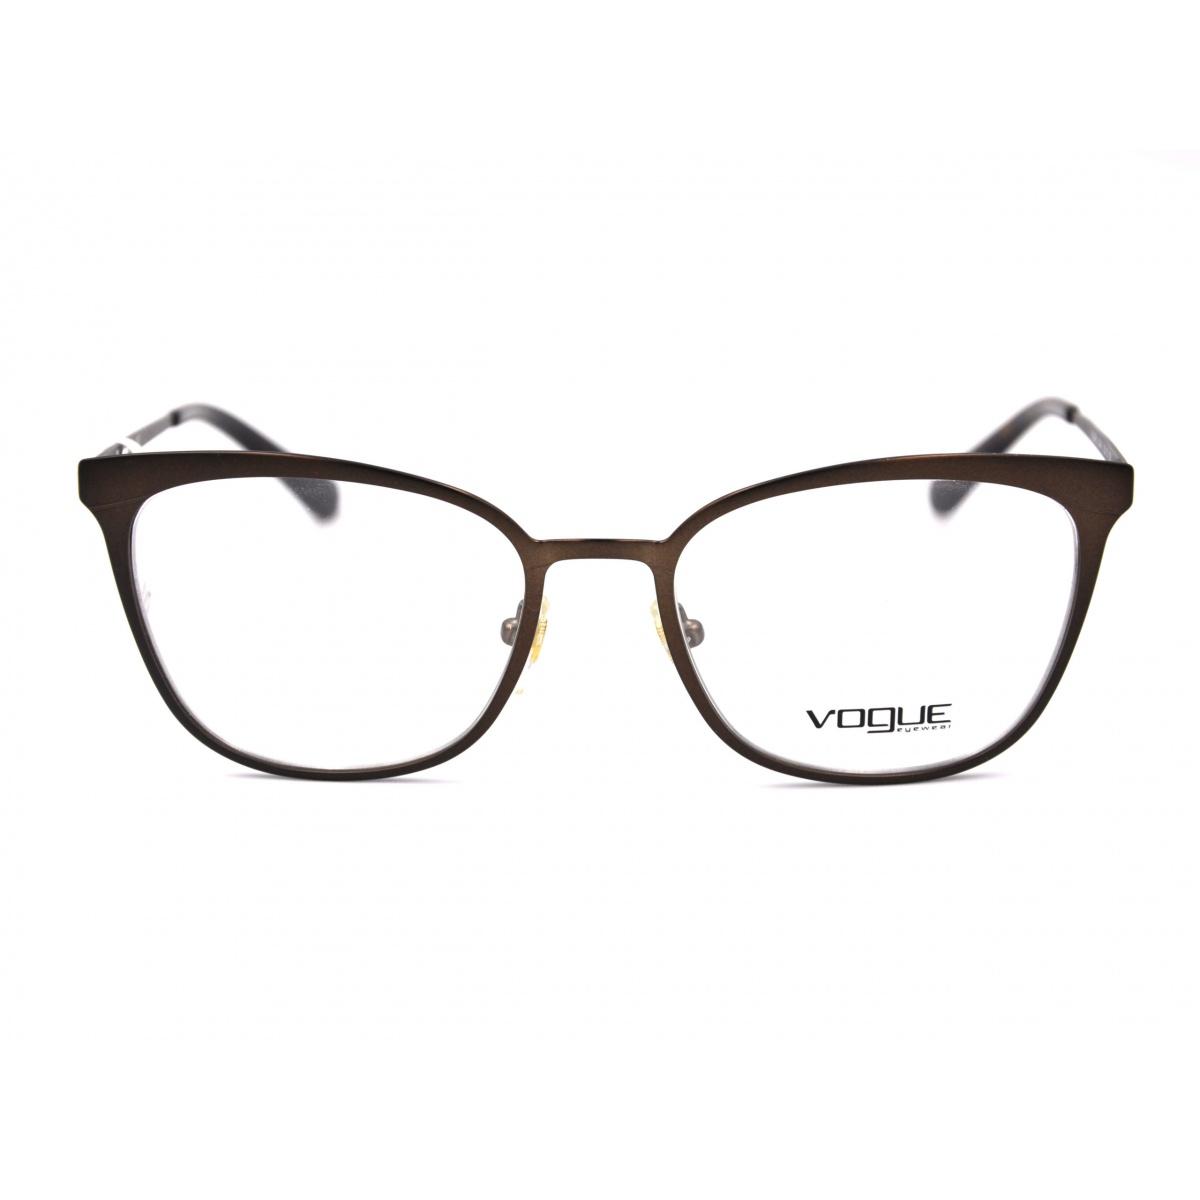 VOGUE VO3999 934-S Prescription Glasses Piraeus